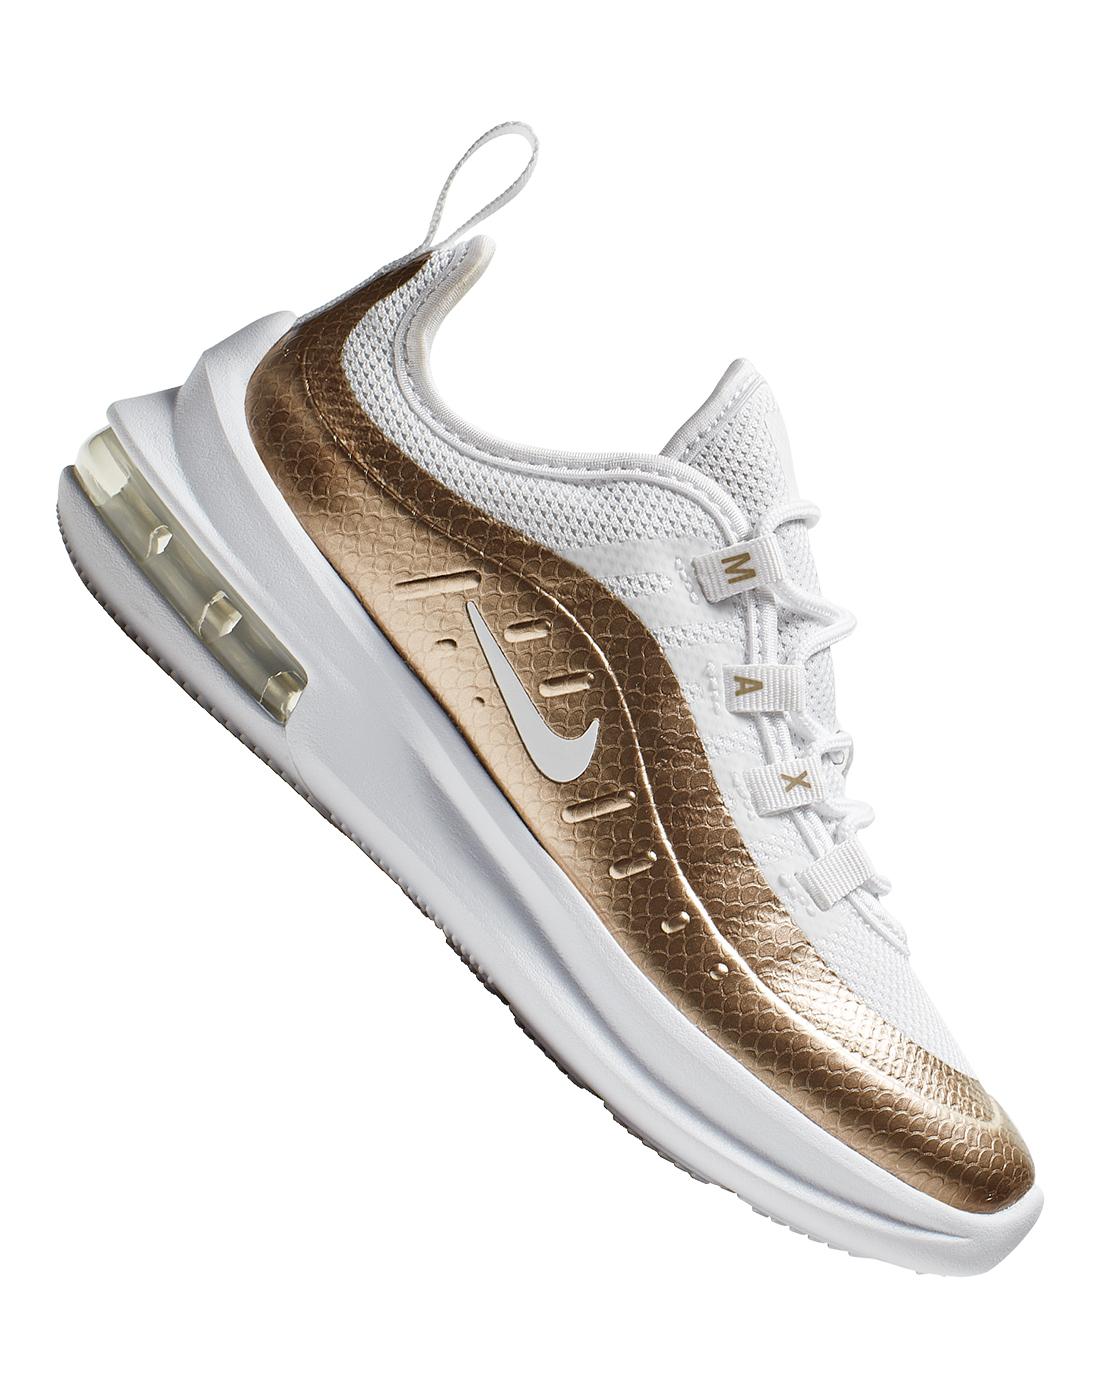 White \u0026 Gold Nike Air Max Axis